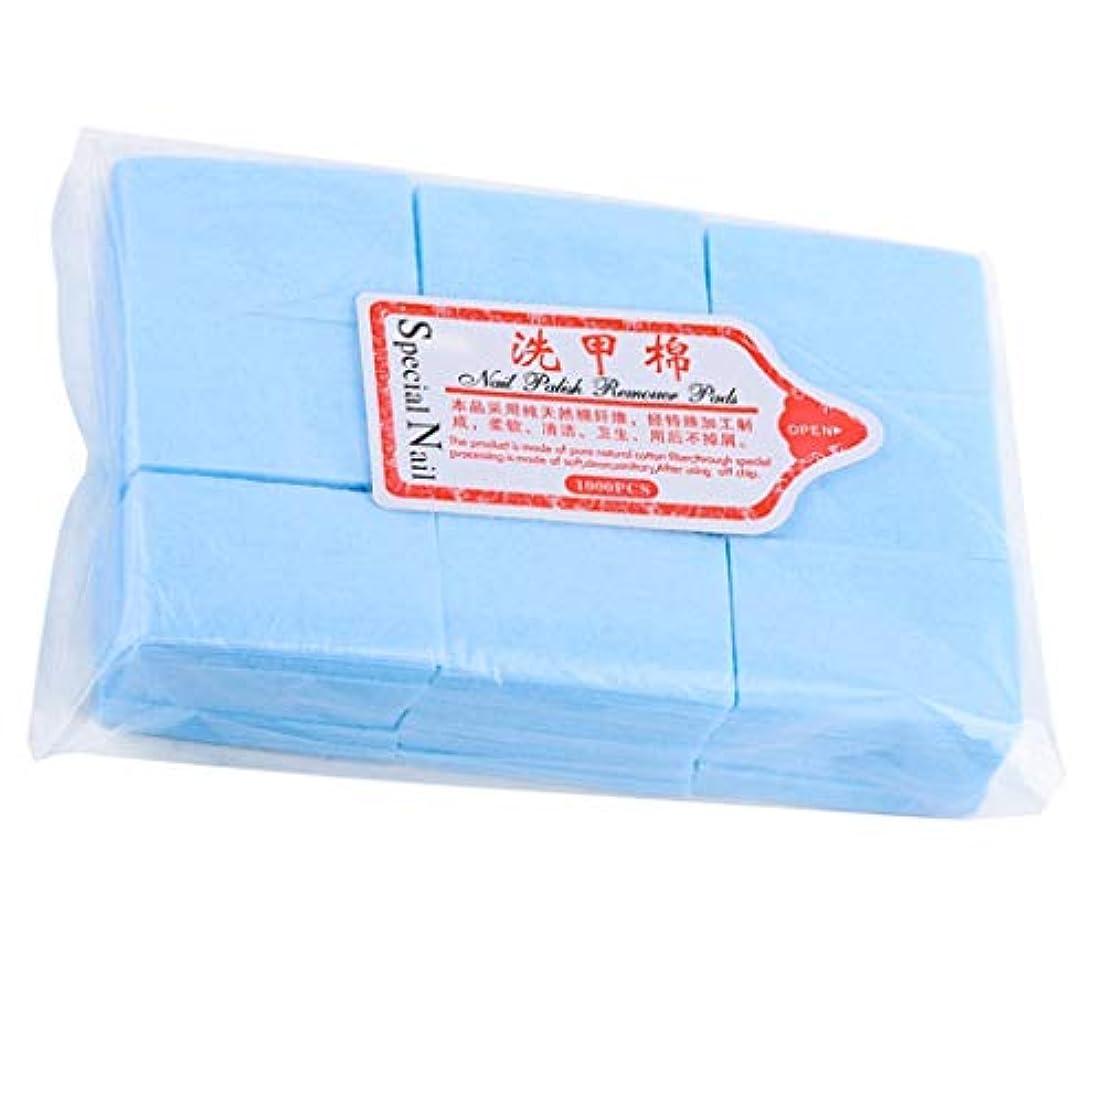 イベント慰め存在するSharplace ネイルワイプ コットンパッド 使い捨て 化粧コットン クレンジングシート メイク落とし 全4色 - ブルー